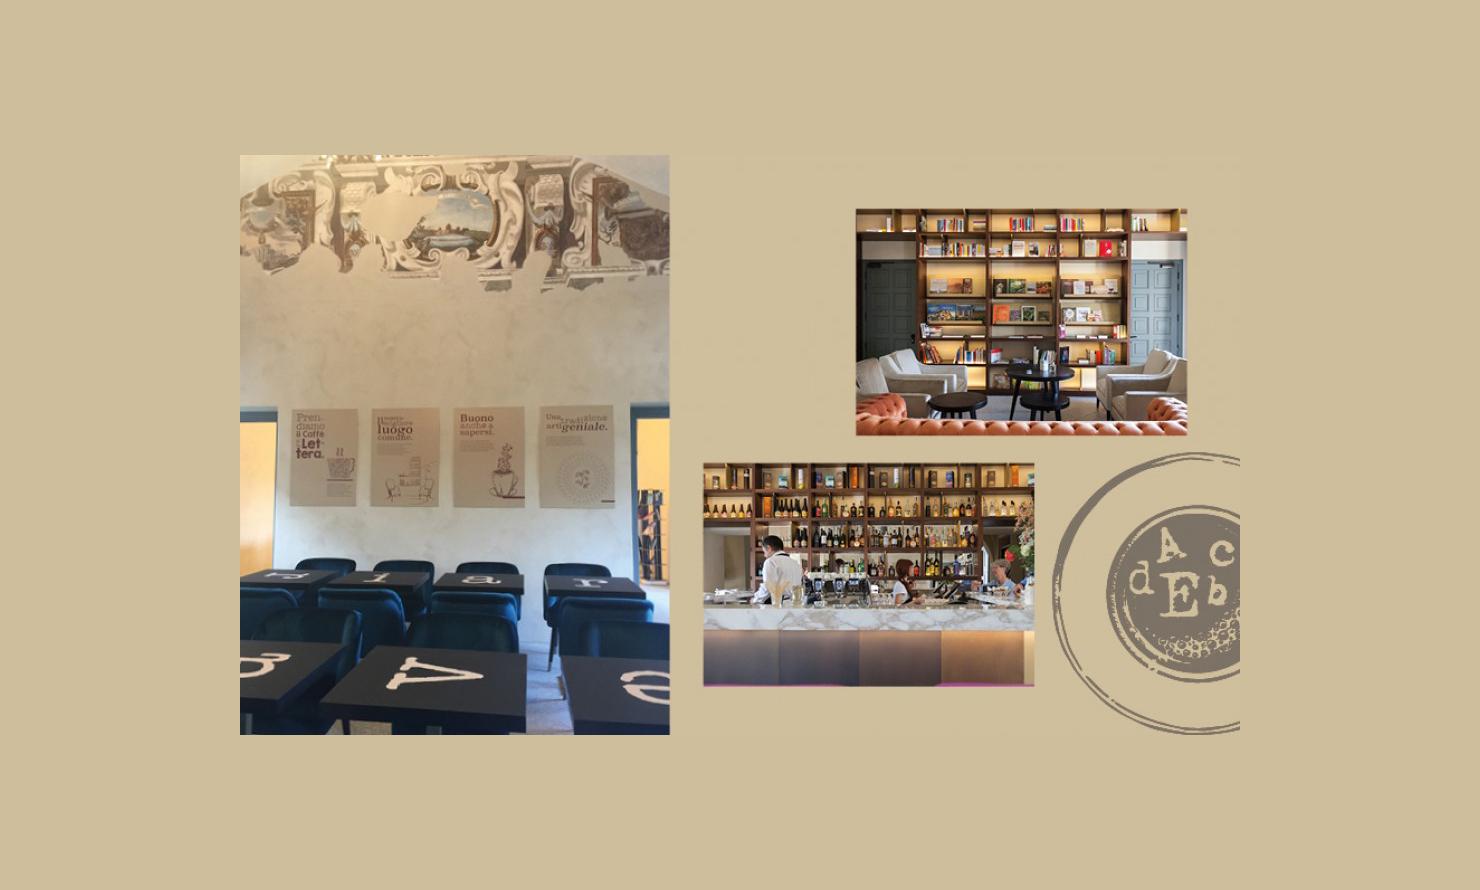 https://www.kubelibre.com/uploads/Slider-work-tutti-clienti/manital-vistaterra-caffè-alla-lettera-la-caffetteria-di-vistaterra-5.jpg